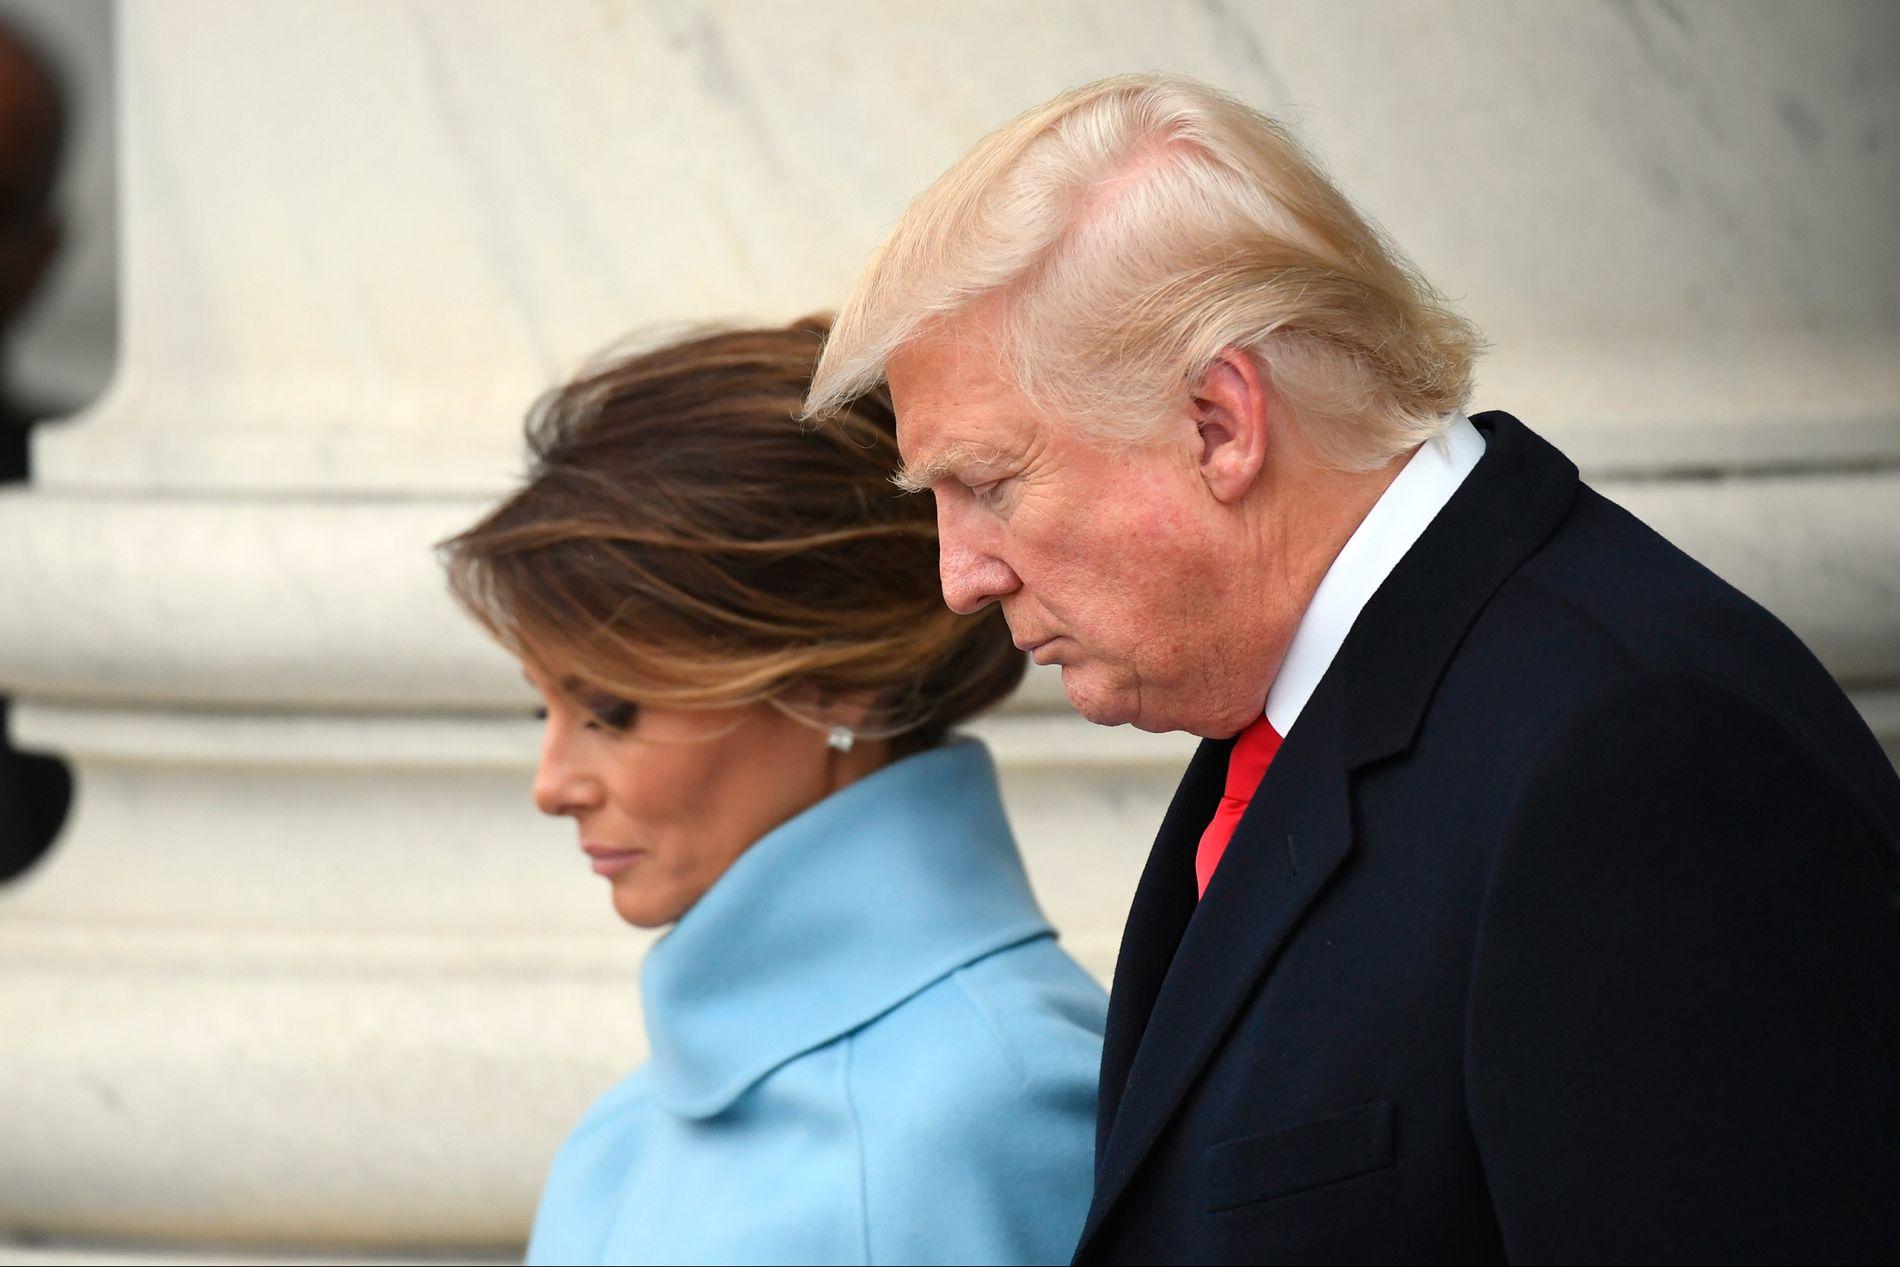 POPULISTEN TRUMP: Melania og Donald Trump på vei inn i Det hvite hus etter innsettelsen fredag.